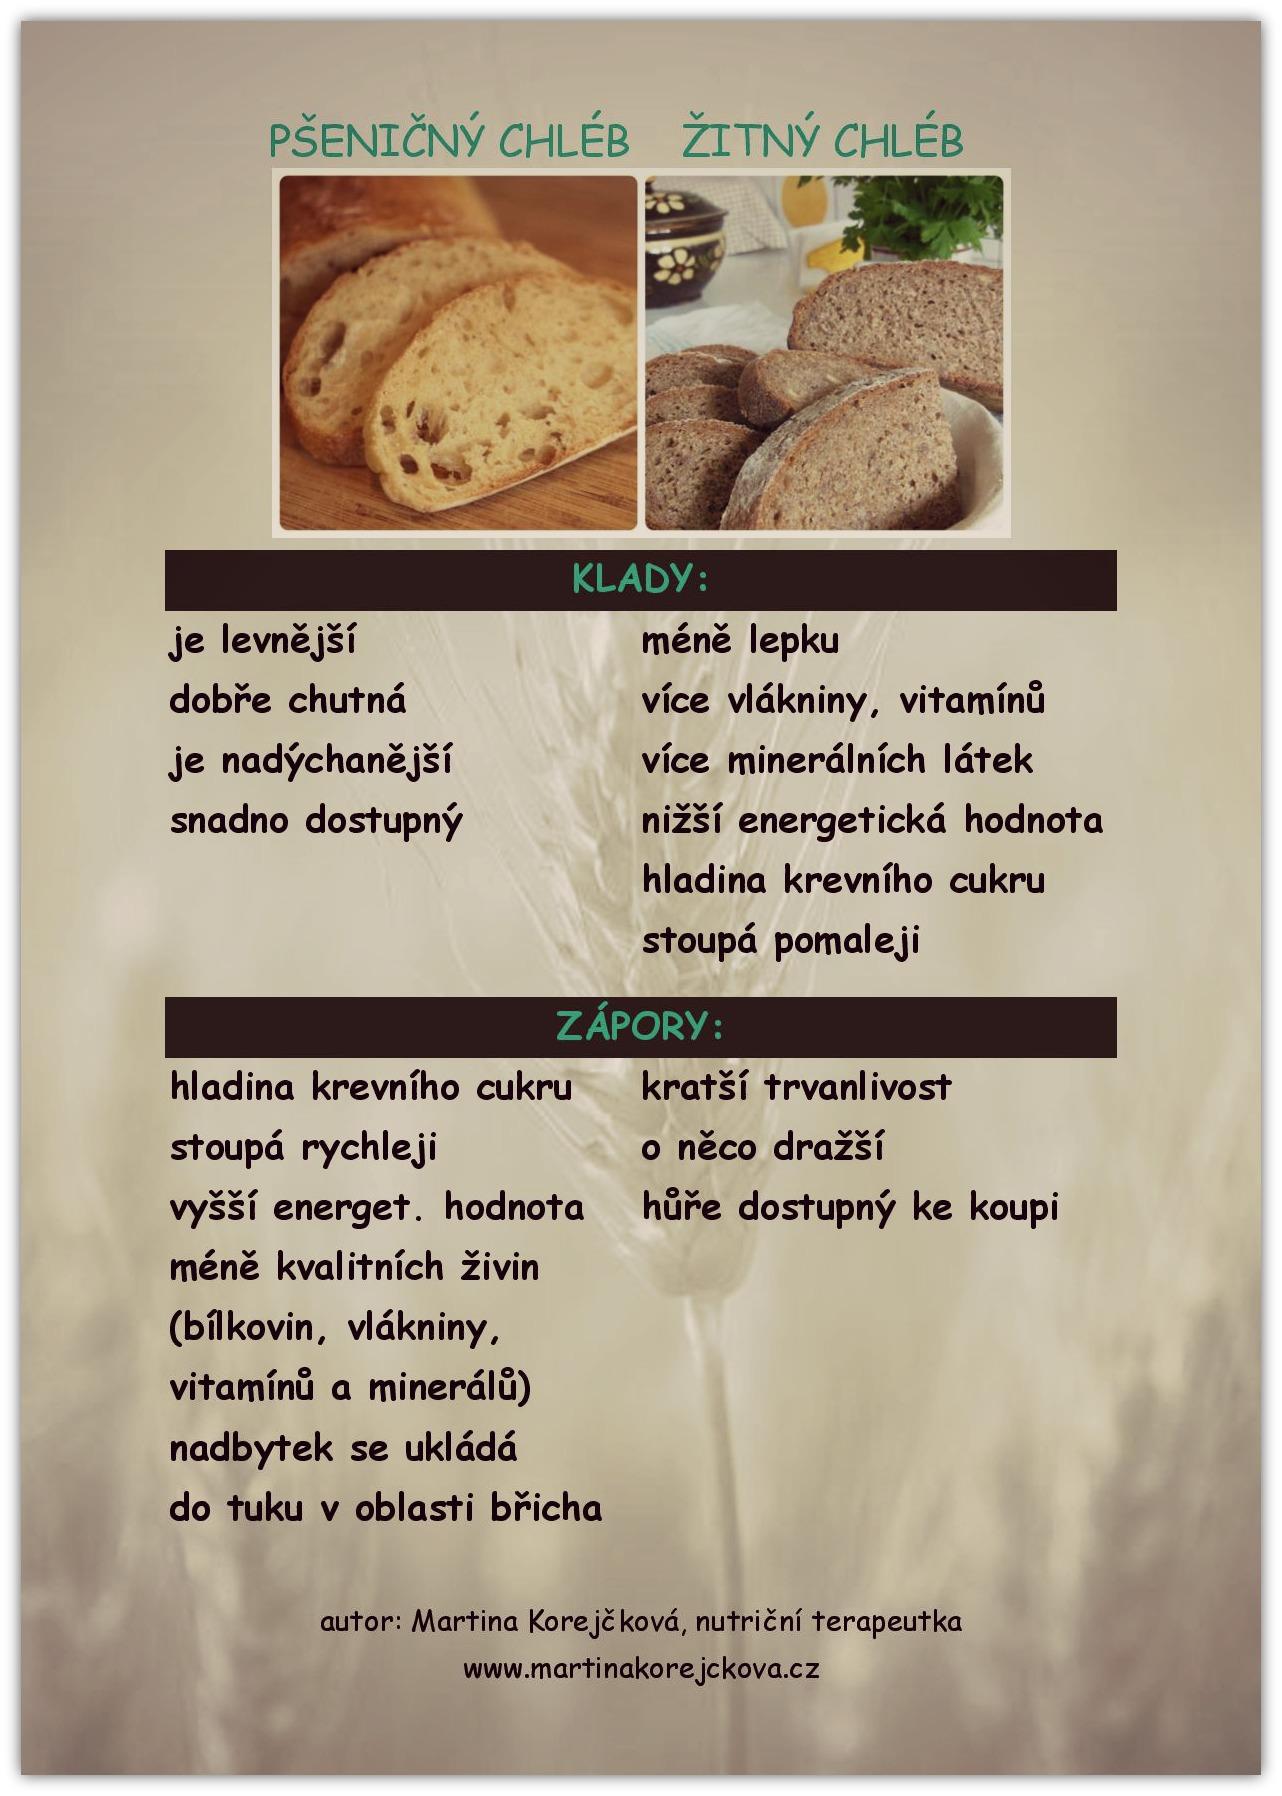 pšeničný x žitný chléb upravený